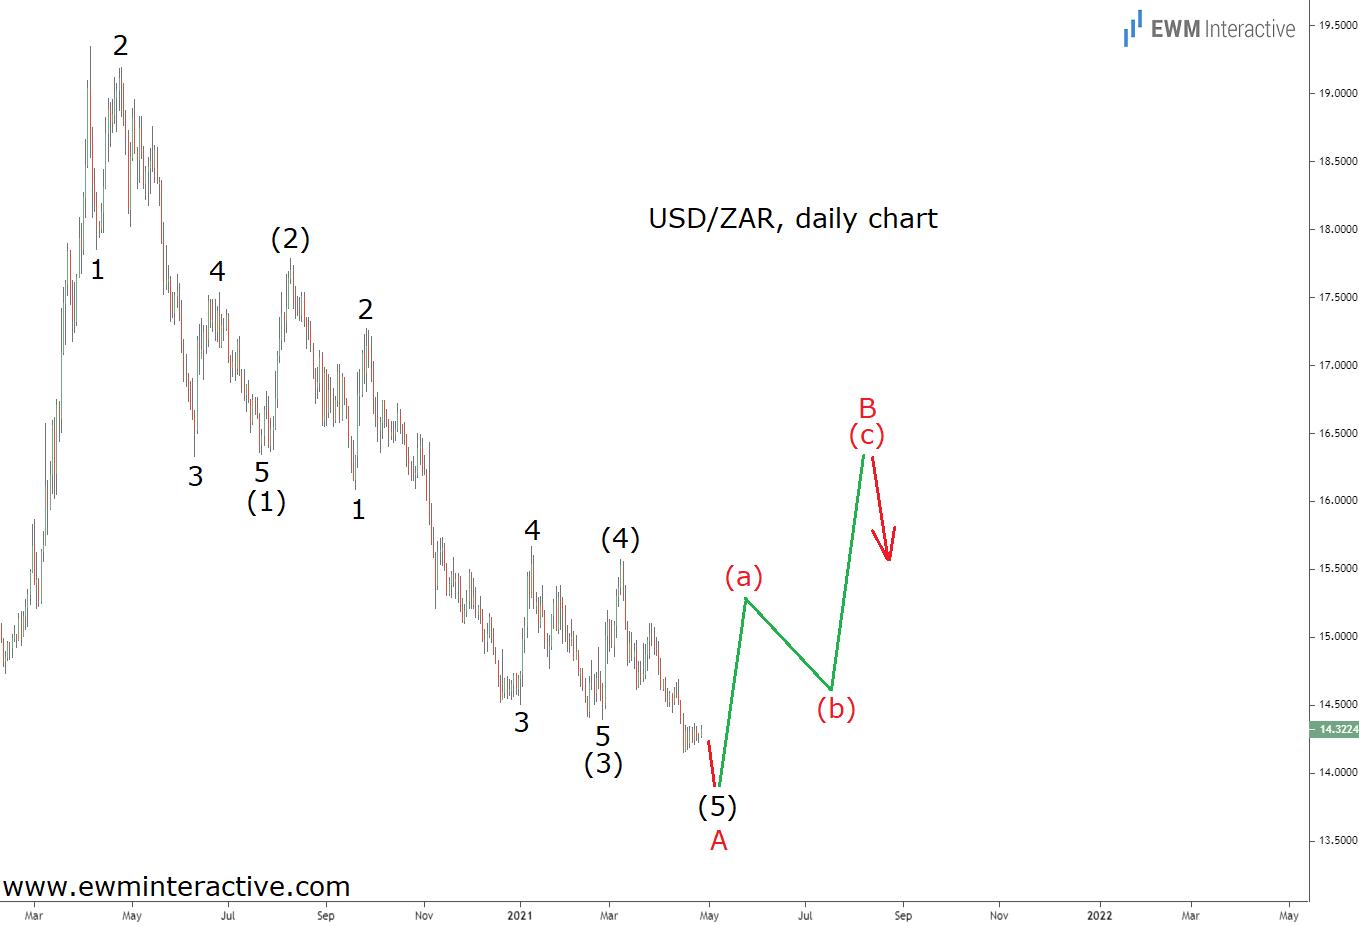 USD/ZAR: Heading Higher | Investing.com